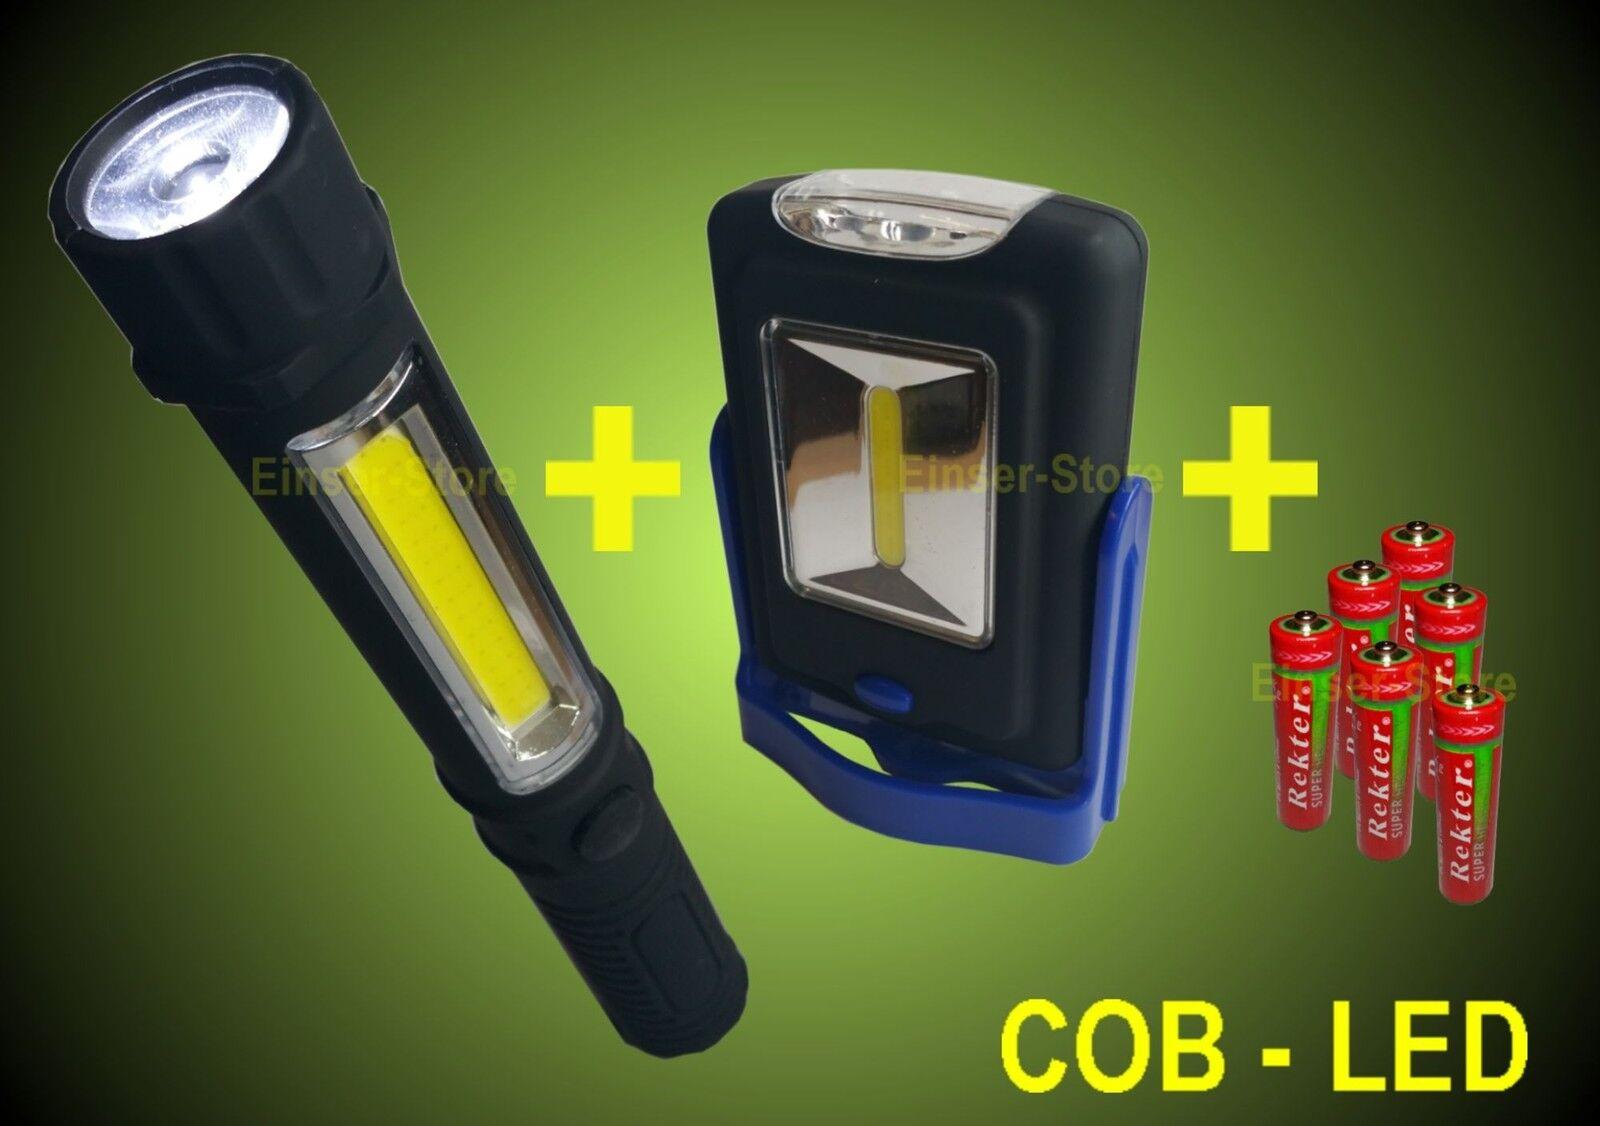 Lampada da lavoro+TORCIA+Batteria COB LED TORCIA TASCABILE LAMPADA OFFICINA